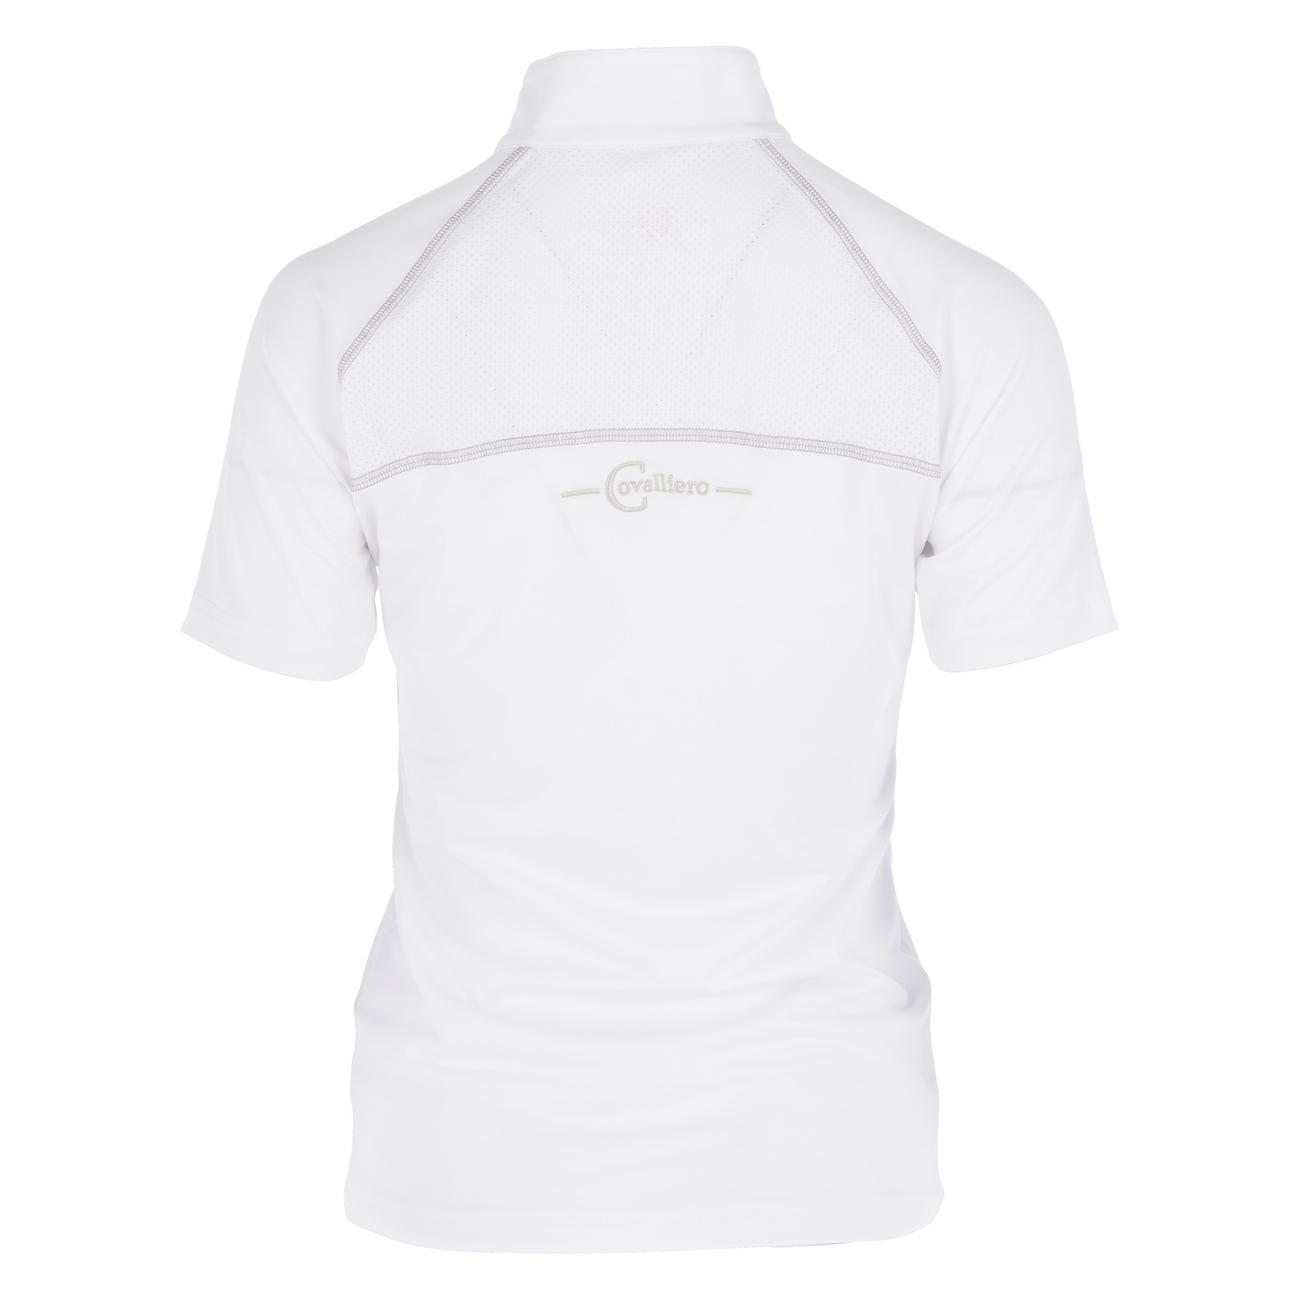 Covalliero Competition Shirt Valentina für Damen und Kinder, Bild 3